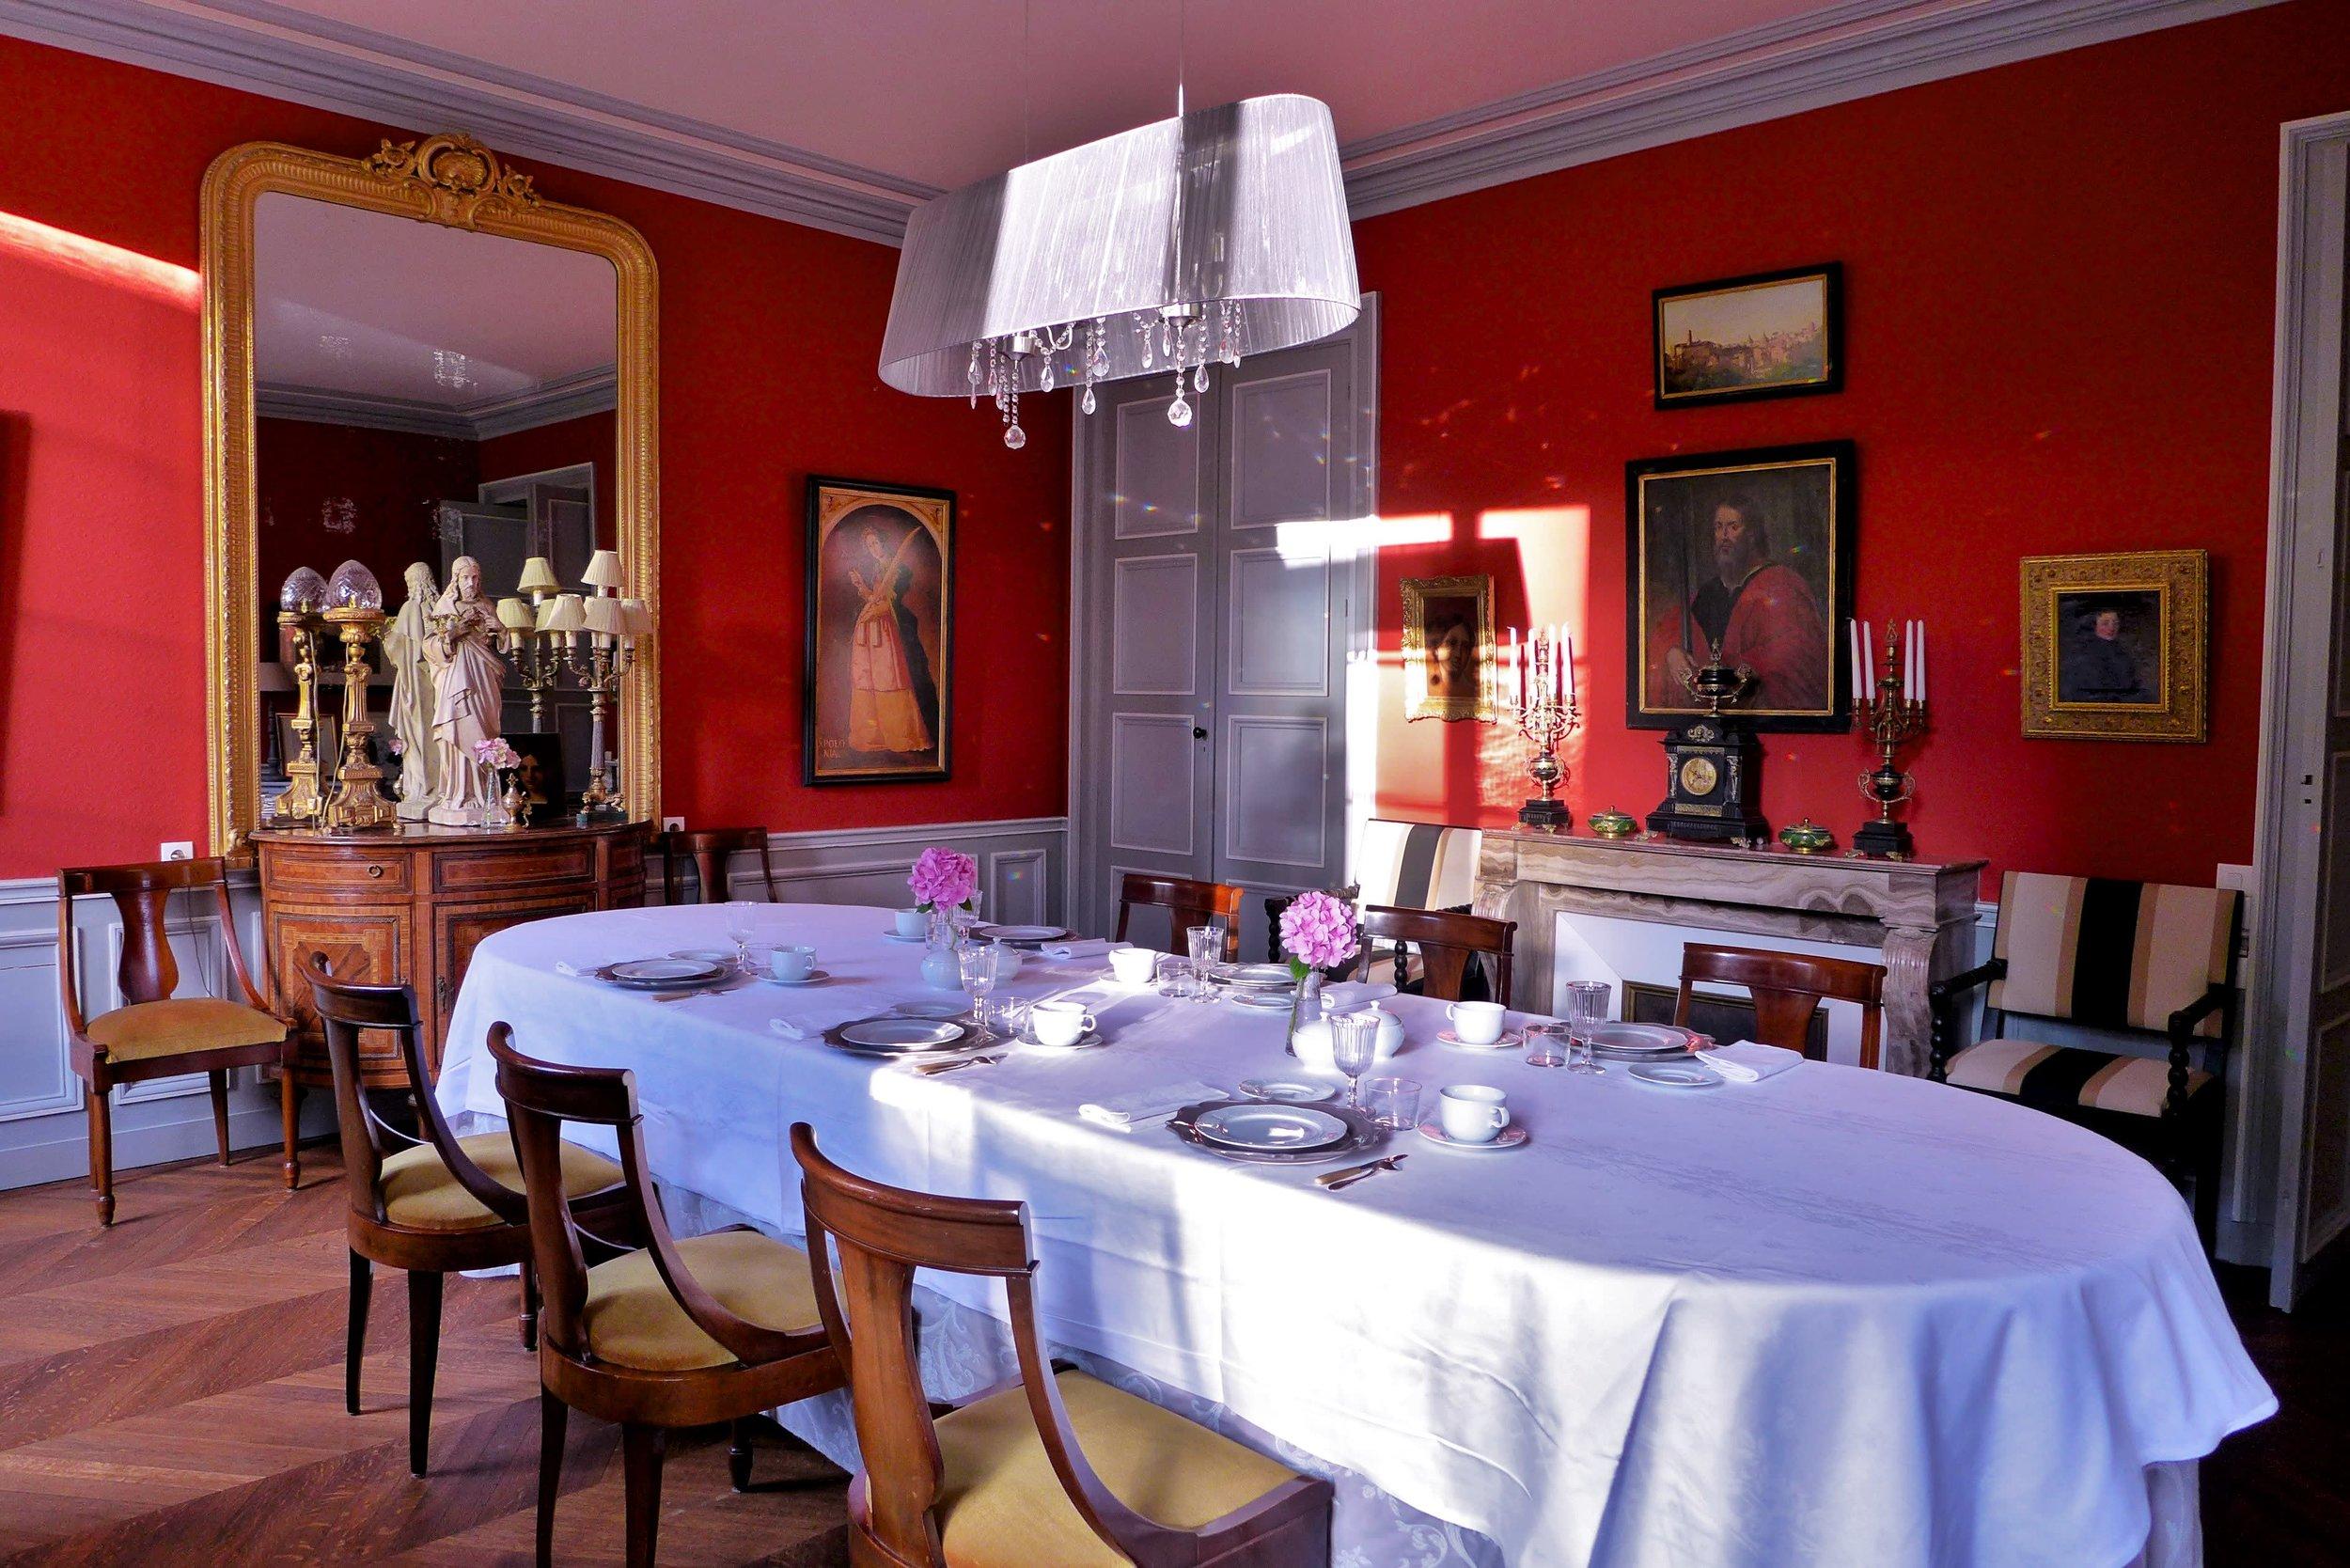 Chateau de la Pommeraye - salle - receptions - mariages - anniversaires - communions - baptemes - normandie - calvados - orne 8.jpg